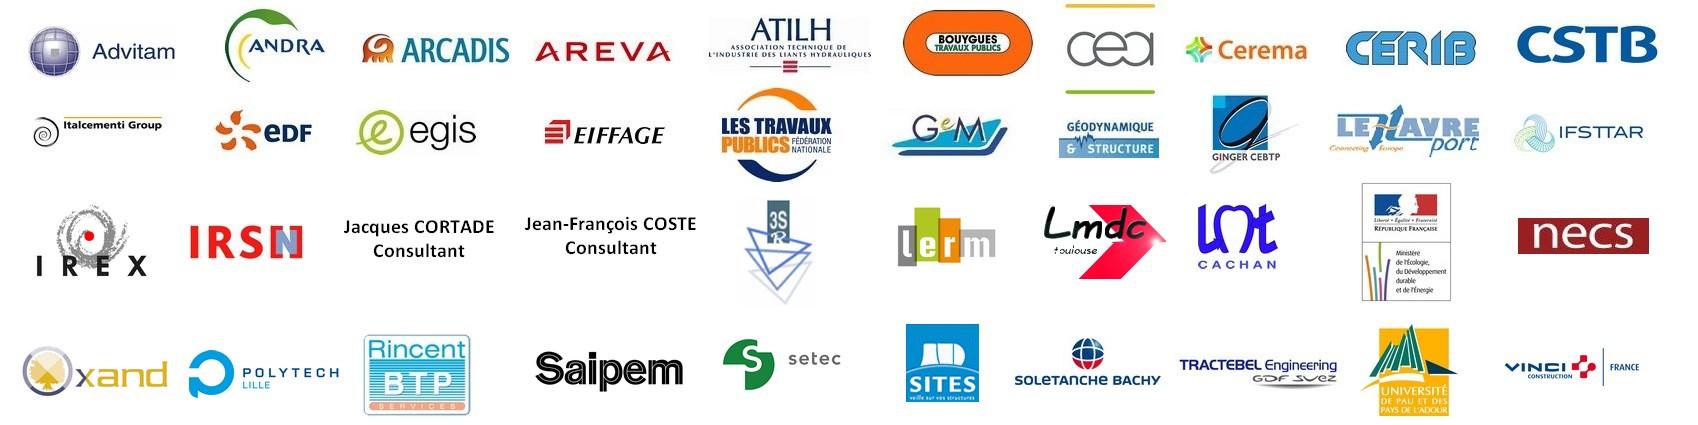 Membres CEOS_2015-09-09